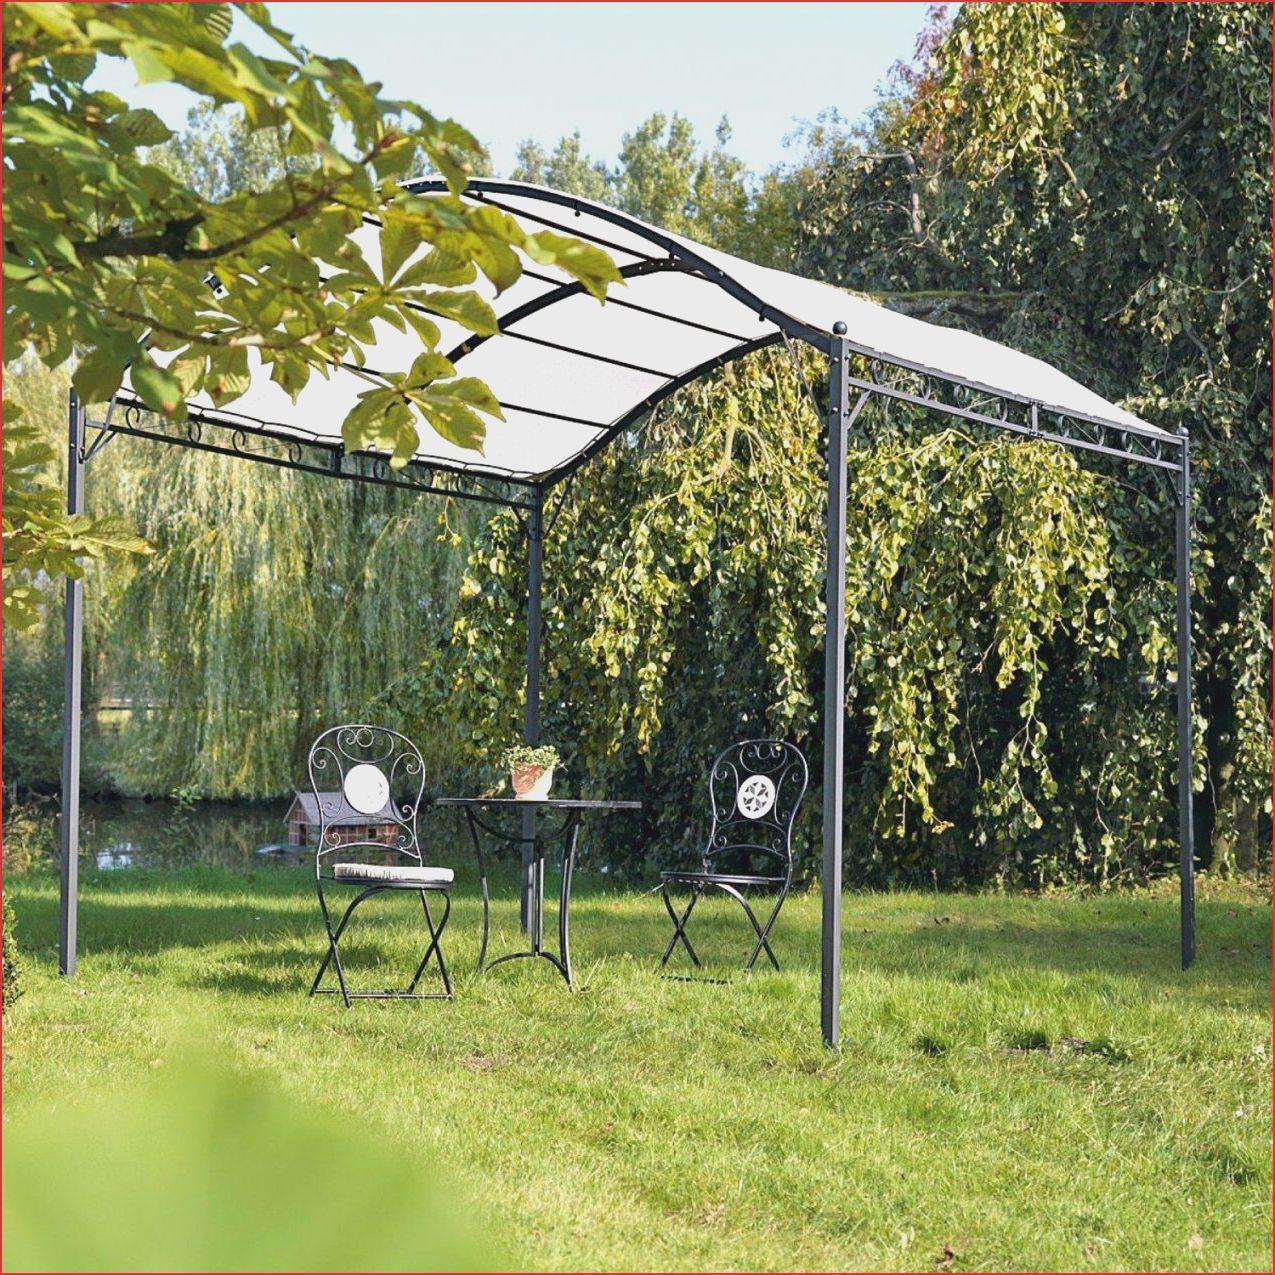 Full Size of Gartenpavillon Metall Garten Meinung 26 Oberteil 3x3 O39p Regal Weiß Bett Regale Wohnzimmer Gartenpavillon Metall